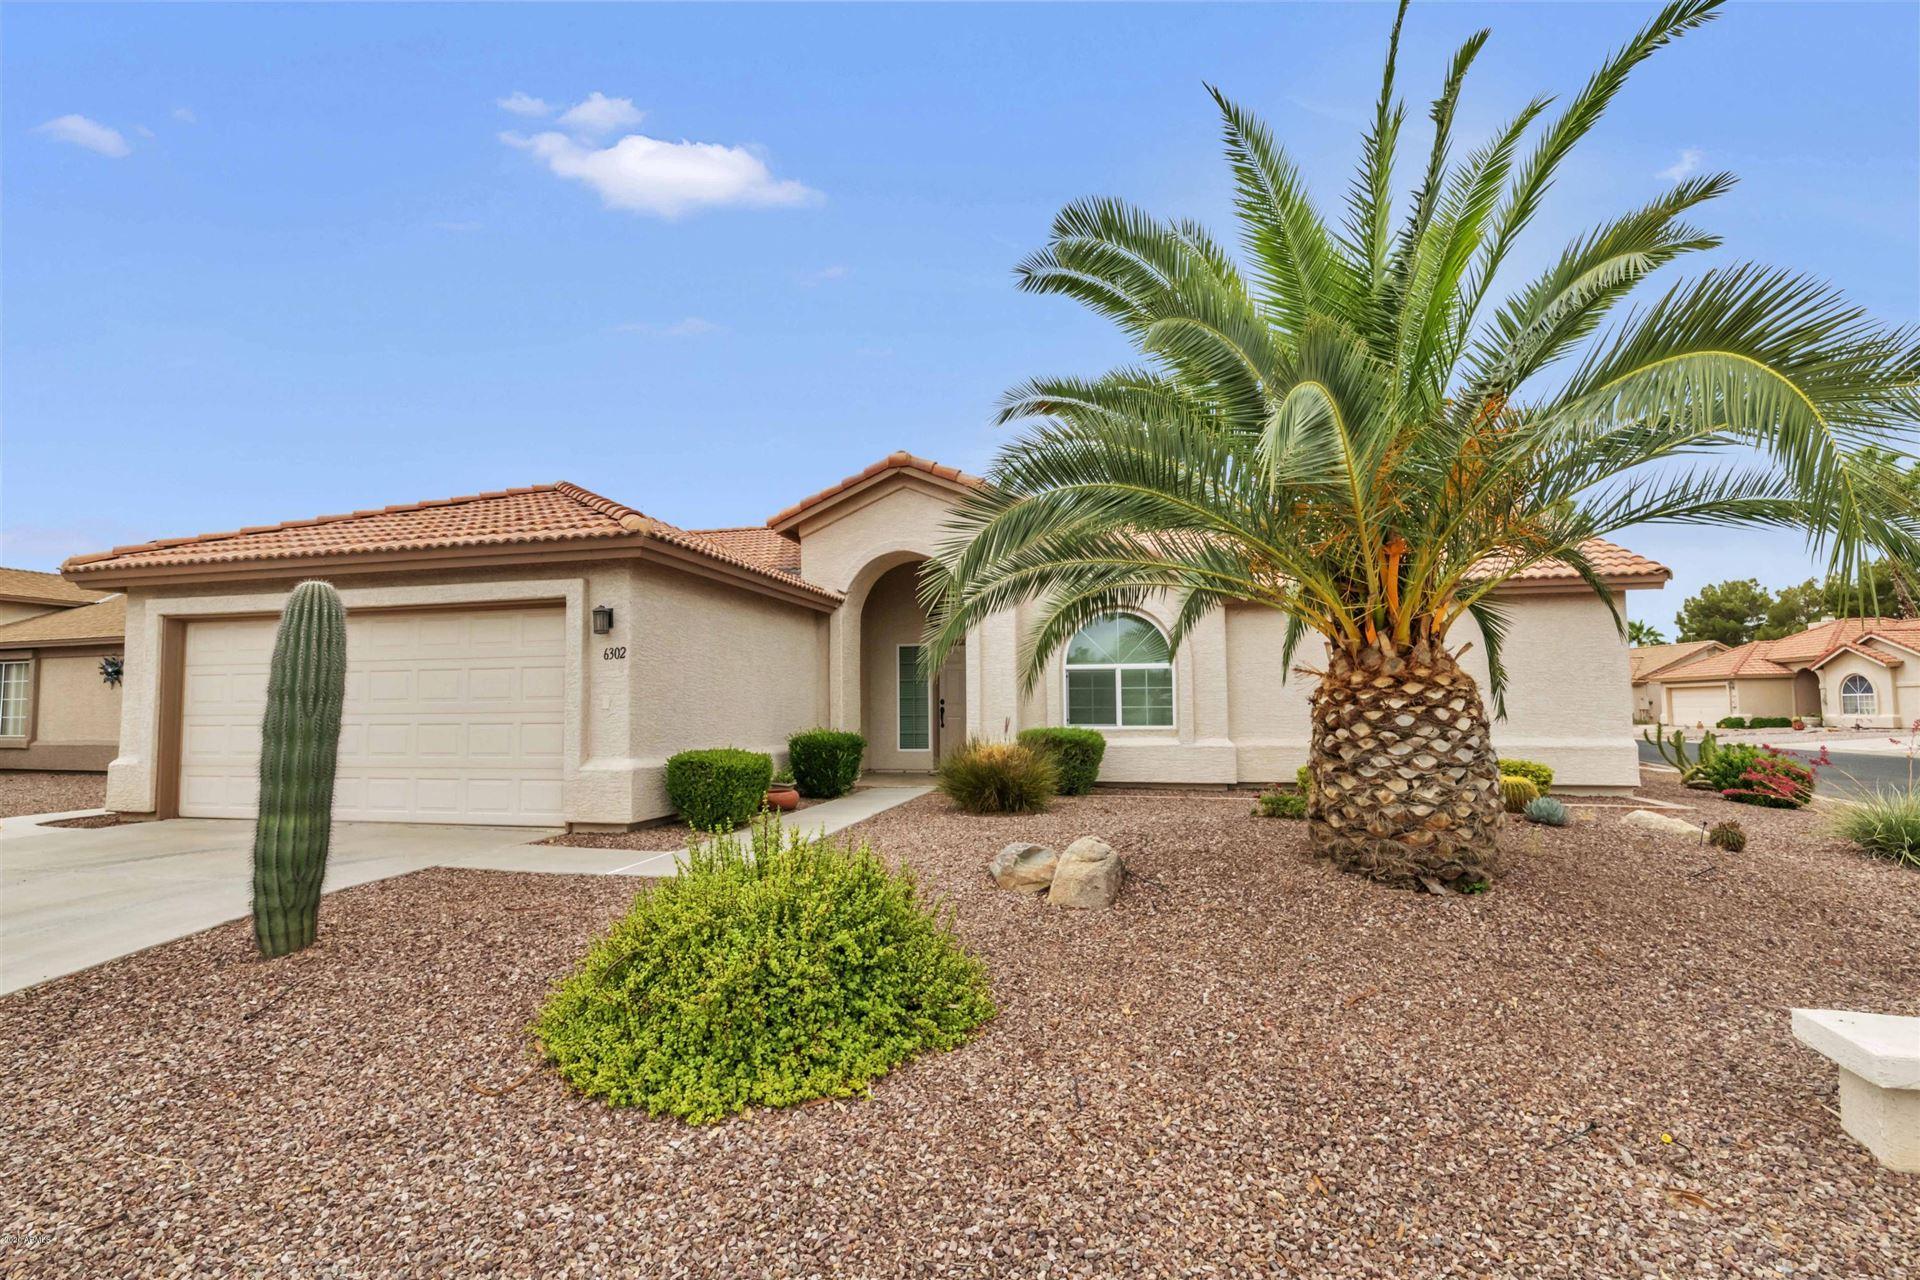 6302 S SAWGRASS Drive, Chandler, AZ 85249 - #: 6088358